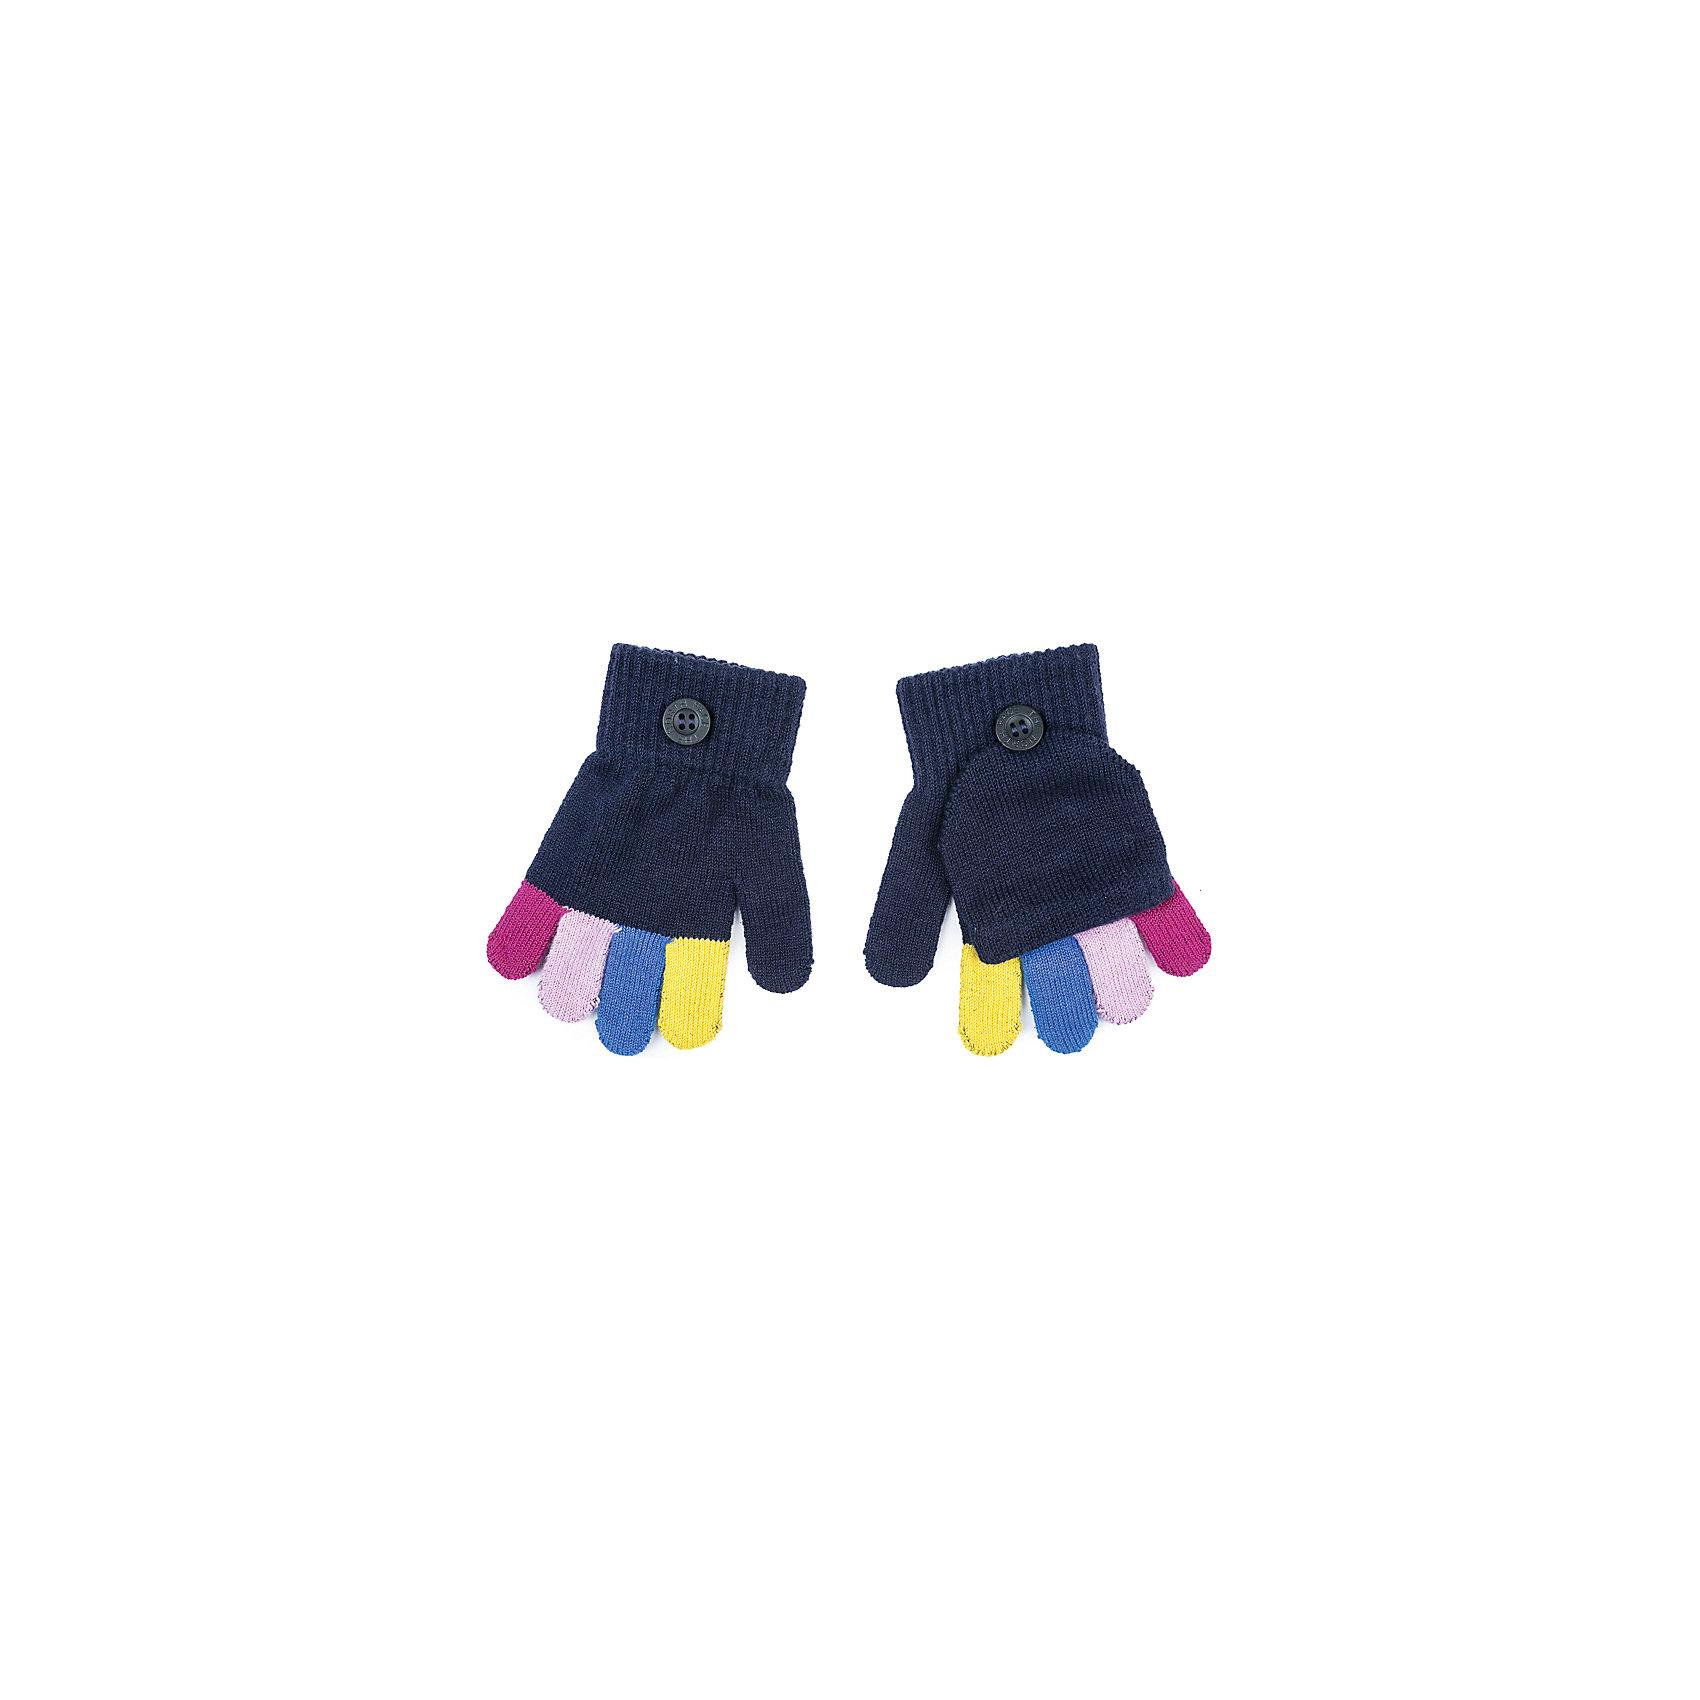 Перчатки PlayToday для девочкиПерчатки, варежки<br>Перчатки PlayToday для девочки<br>Перчатки-варежки. Выполнены по технологии yarn dyed - в процессе производства используются разного цвета нити. При рекомендуемом уходе модель не линяет и надолго остается в первоначальном виде. Манжеты на плотной трикотажной резинке. Перчатки дополнены специальным карманом, за счет которого формируются варежки.<br>Состав:<br>80% хлопок, 18% нейлон, 2% эластан<br><br>Ширина мм: 162<br>Глубина мм: 171<br>Высота мм: 55<br>Вес г: 119<br>Цвет: белый<br>Возраст от месяцев: 84<br>Возраст до месяцев: 96<br>Пол: Женский<br>Возраст: Детский<br>Размер: 4,2,3<br>SKU: 7106167